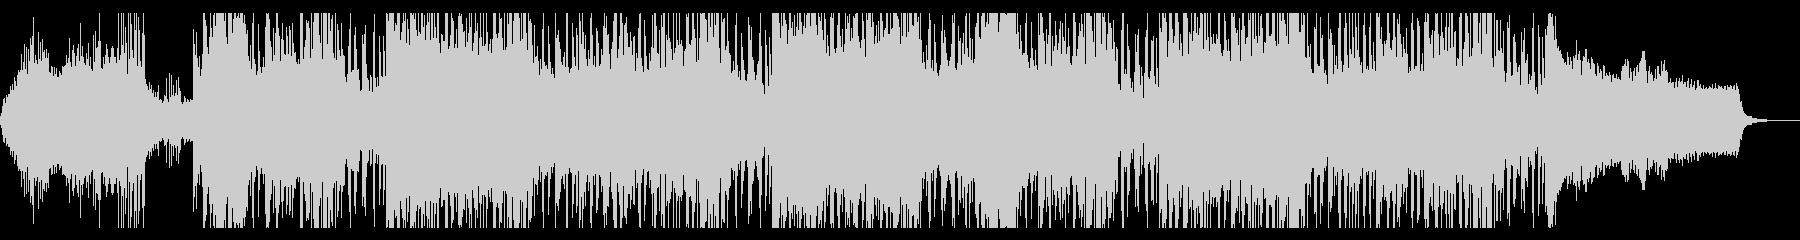 ミステリアスな風景のテクスチャIDMの未再生の波形